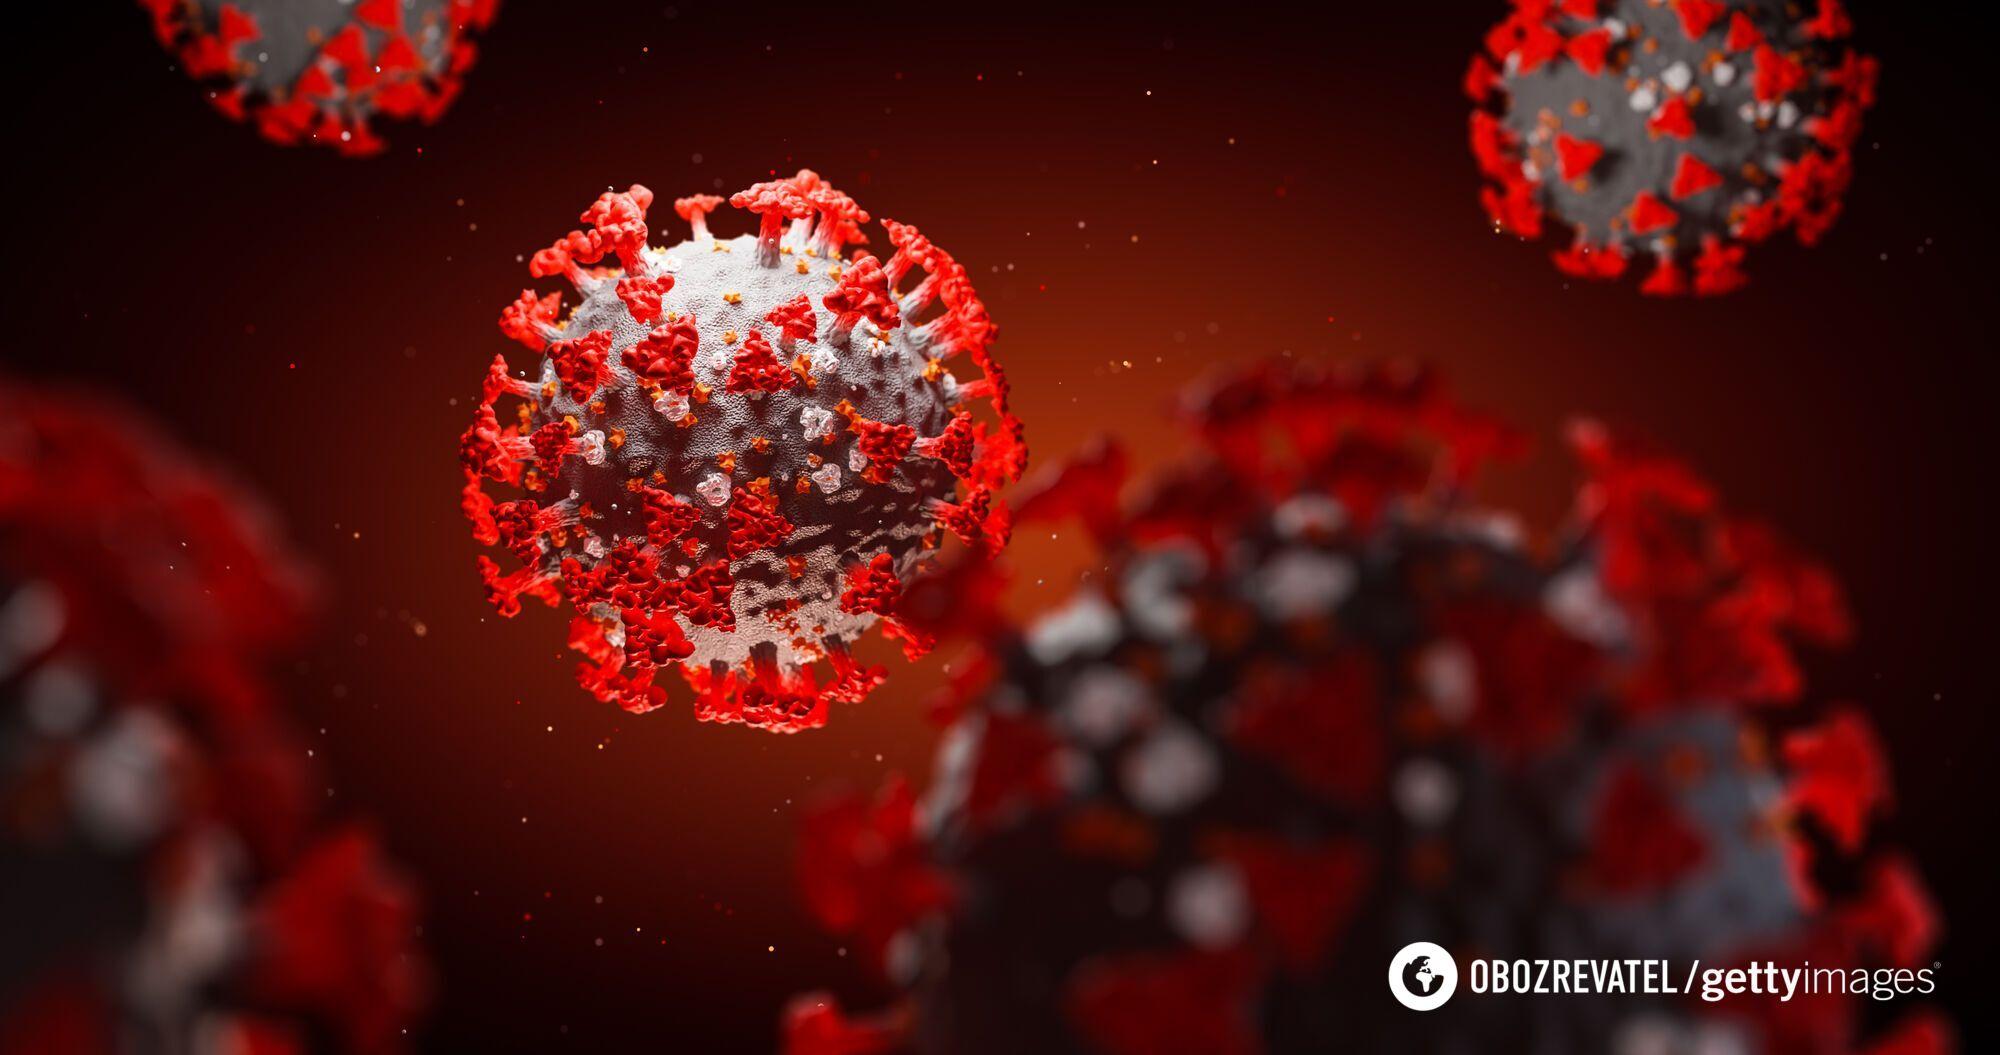 Коронавірус не може змінювати ДНК